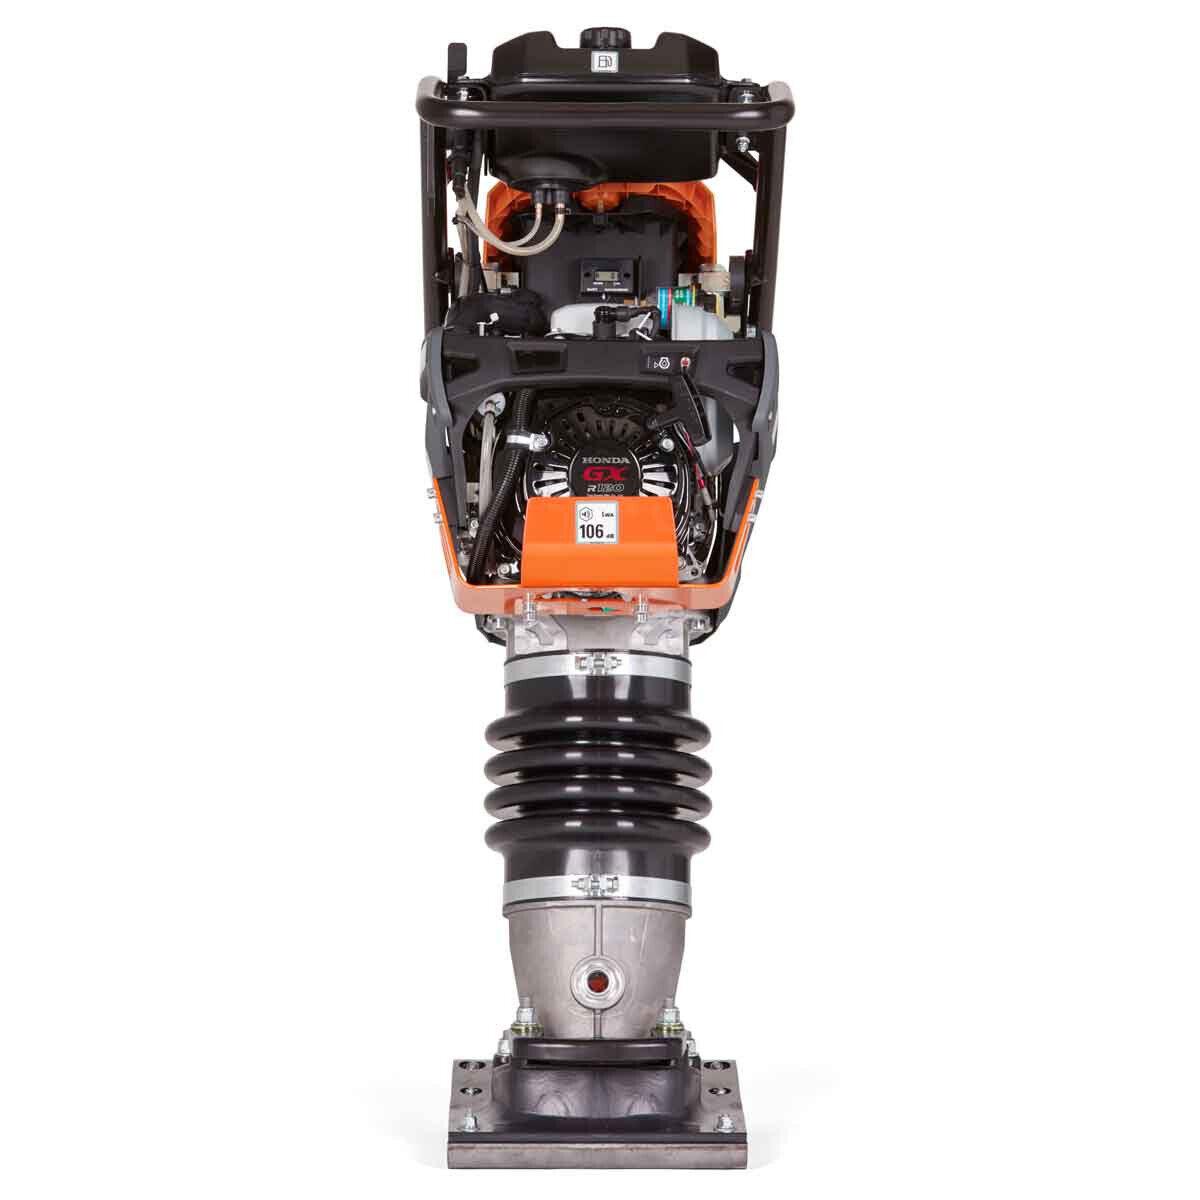 Husqvarna LT 6005 Rammer with Honda GX120 Motor